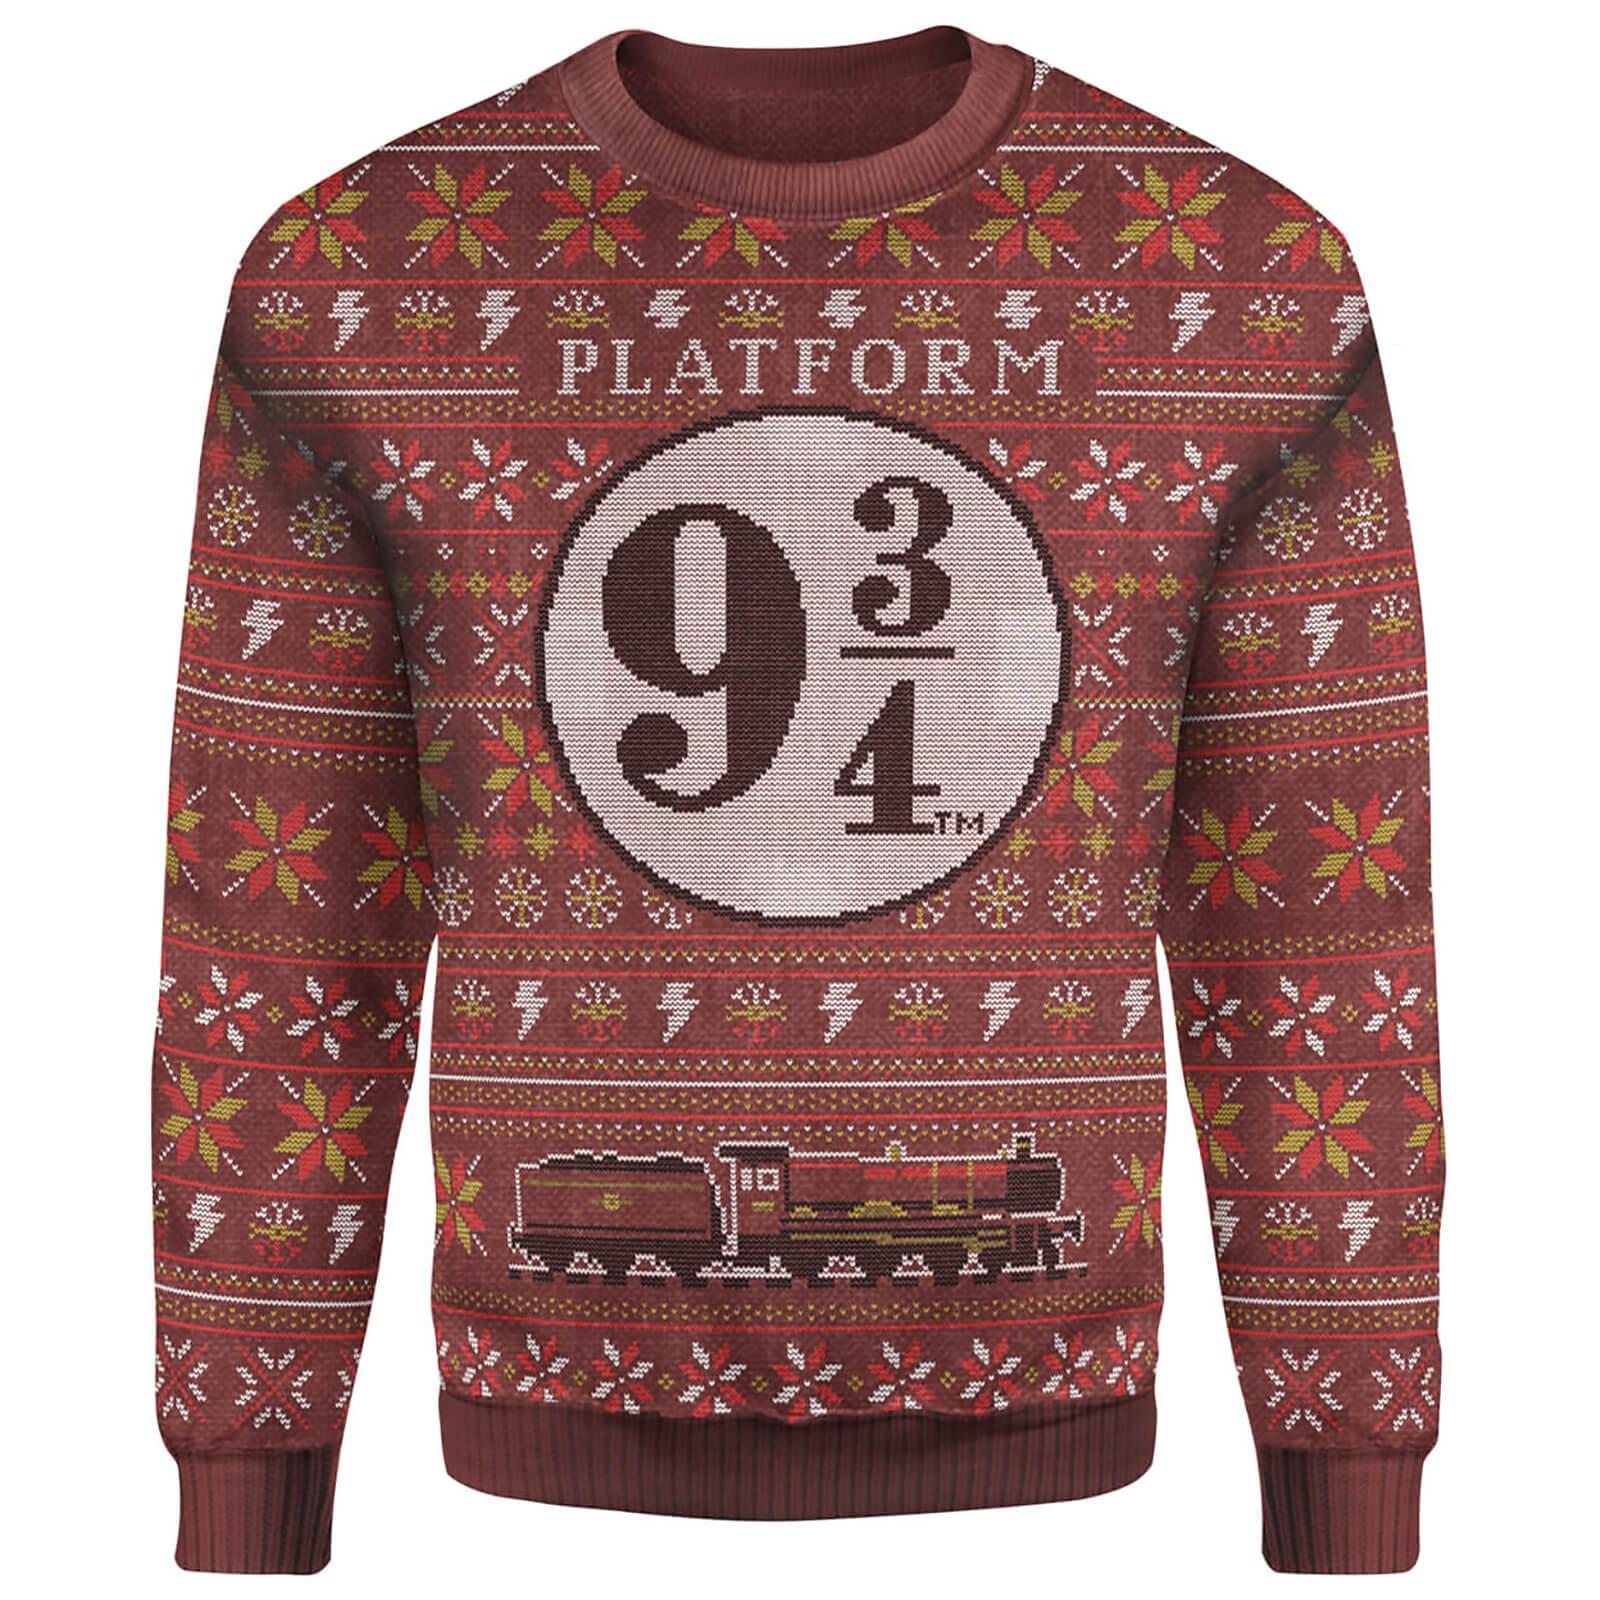 Harry Potter Platform 9 3/4 Christmas Knitted Jumper   Burgundy   M